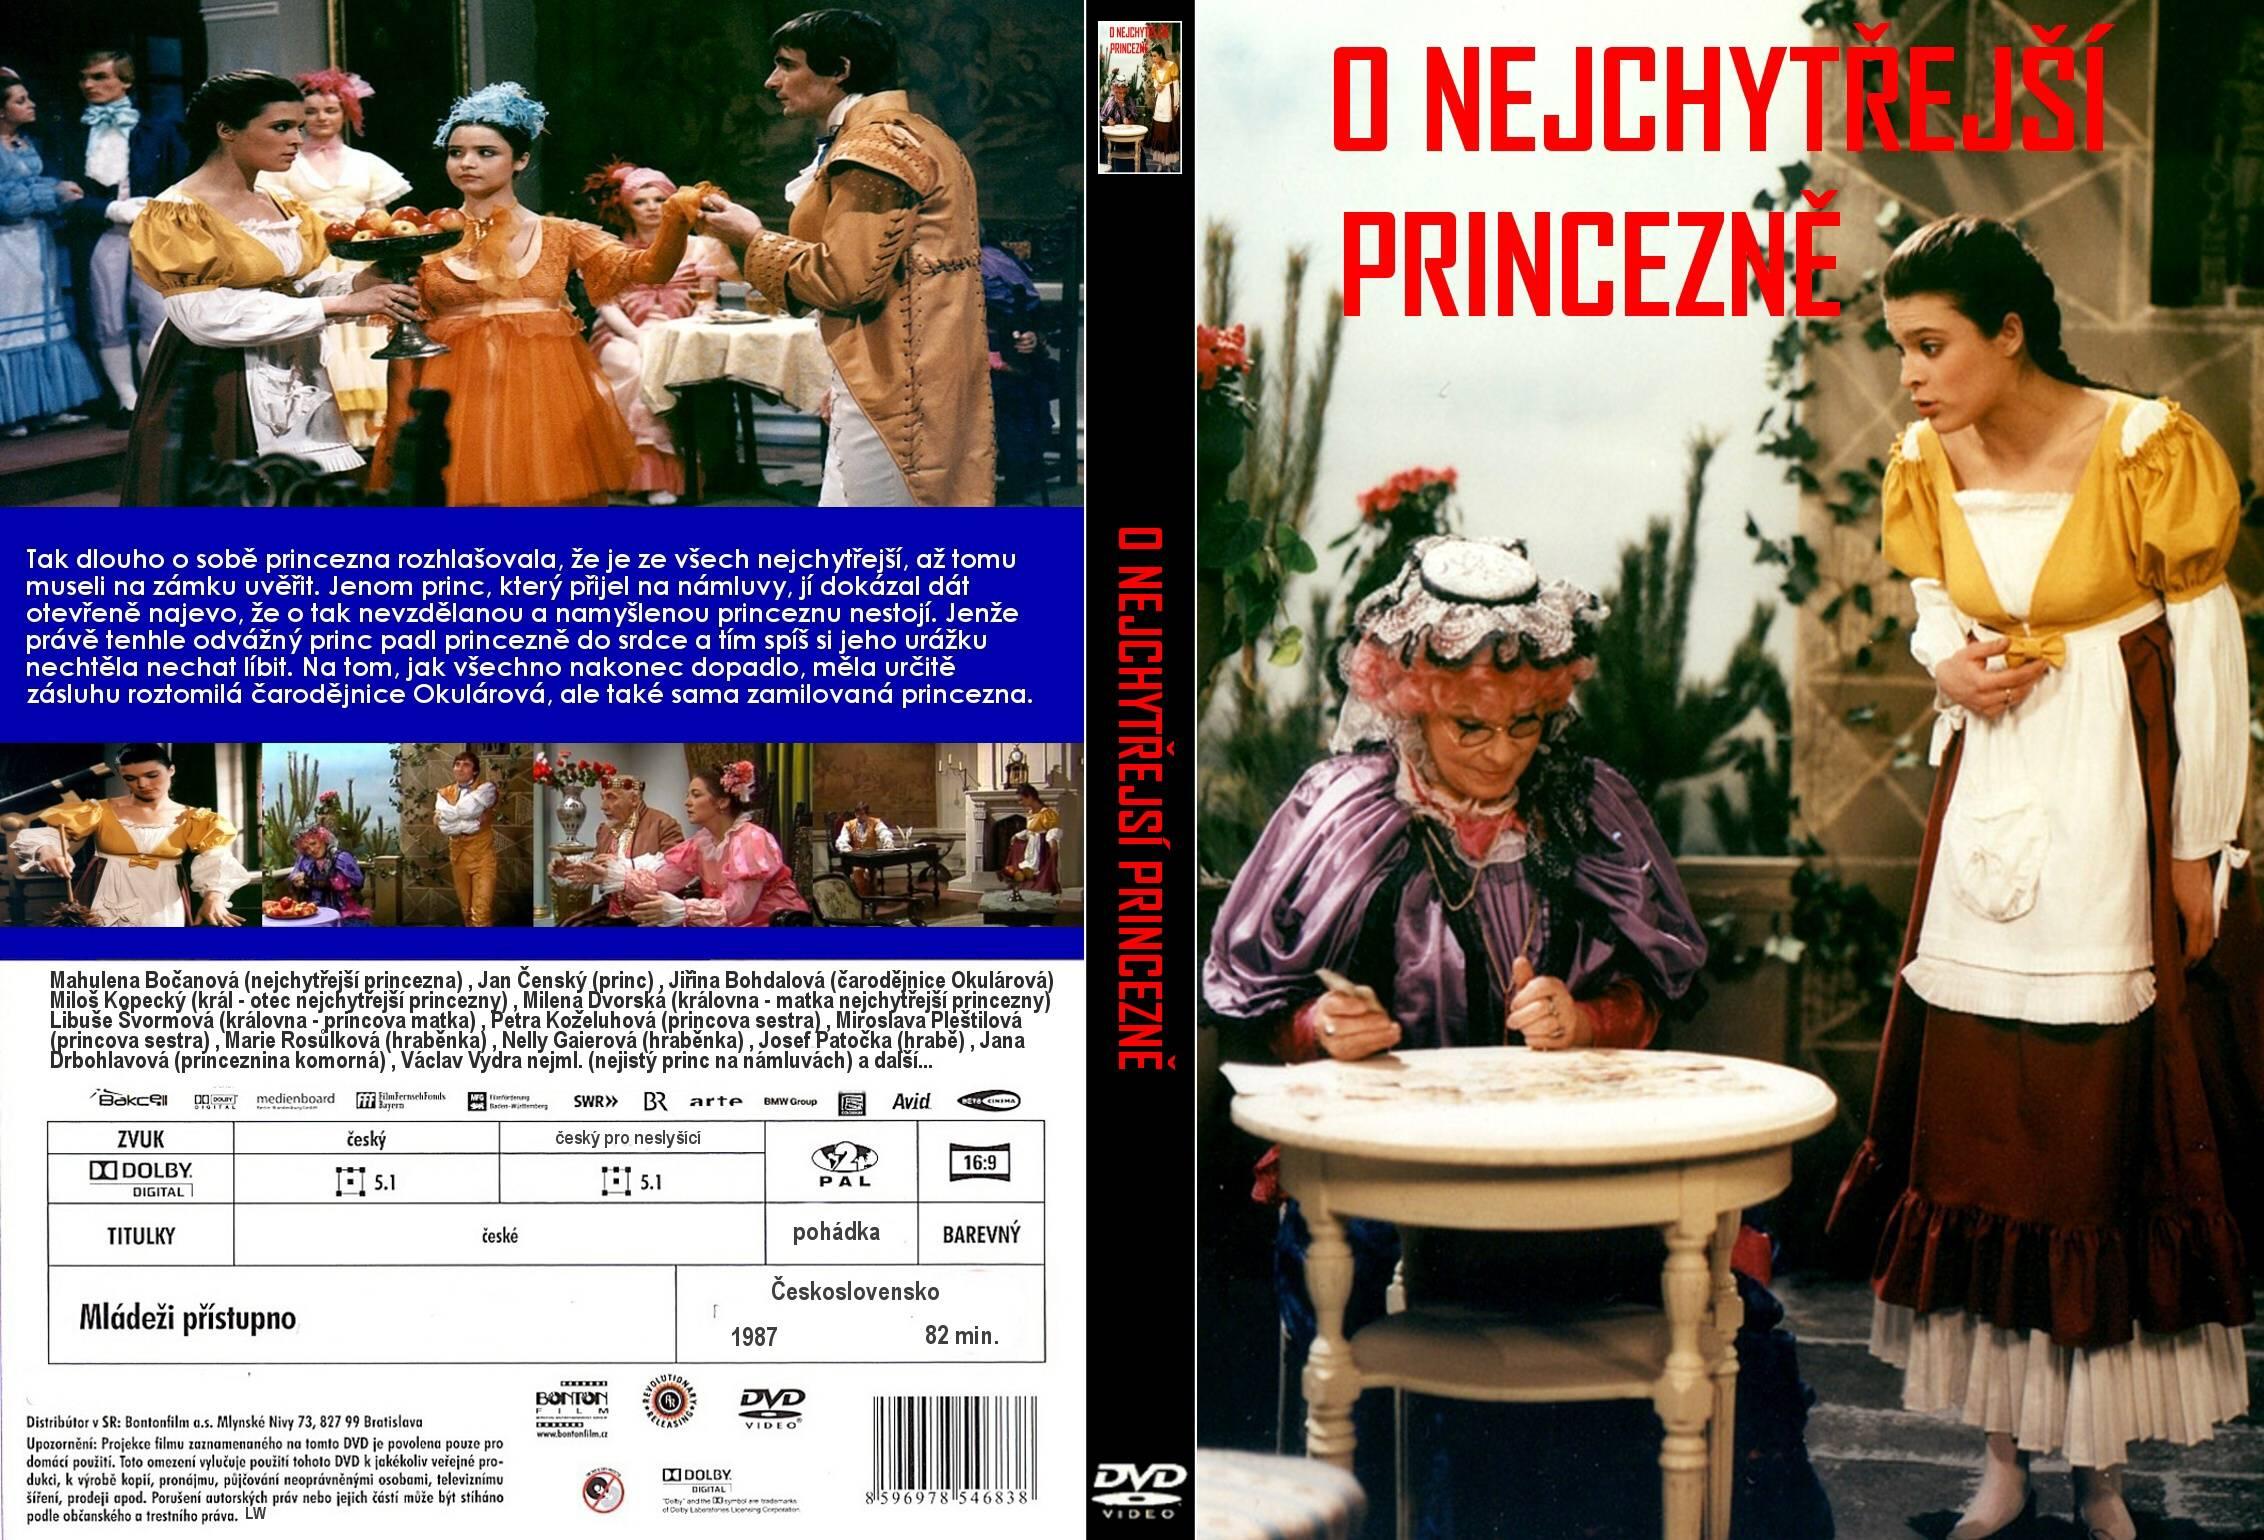 Mahulena Bocanová and Jirina Bohdalová in O nejchytrejsí princezne (1987)